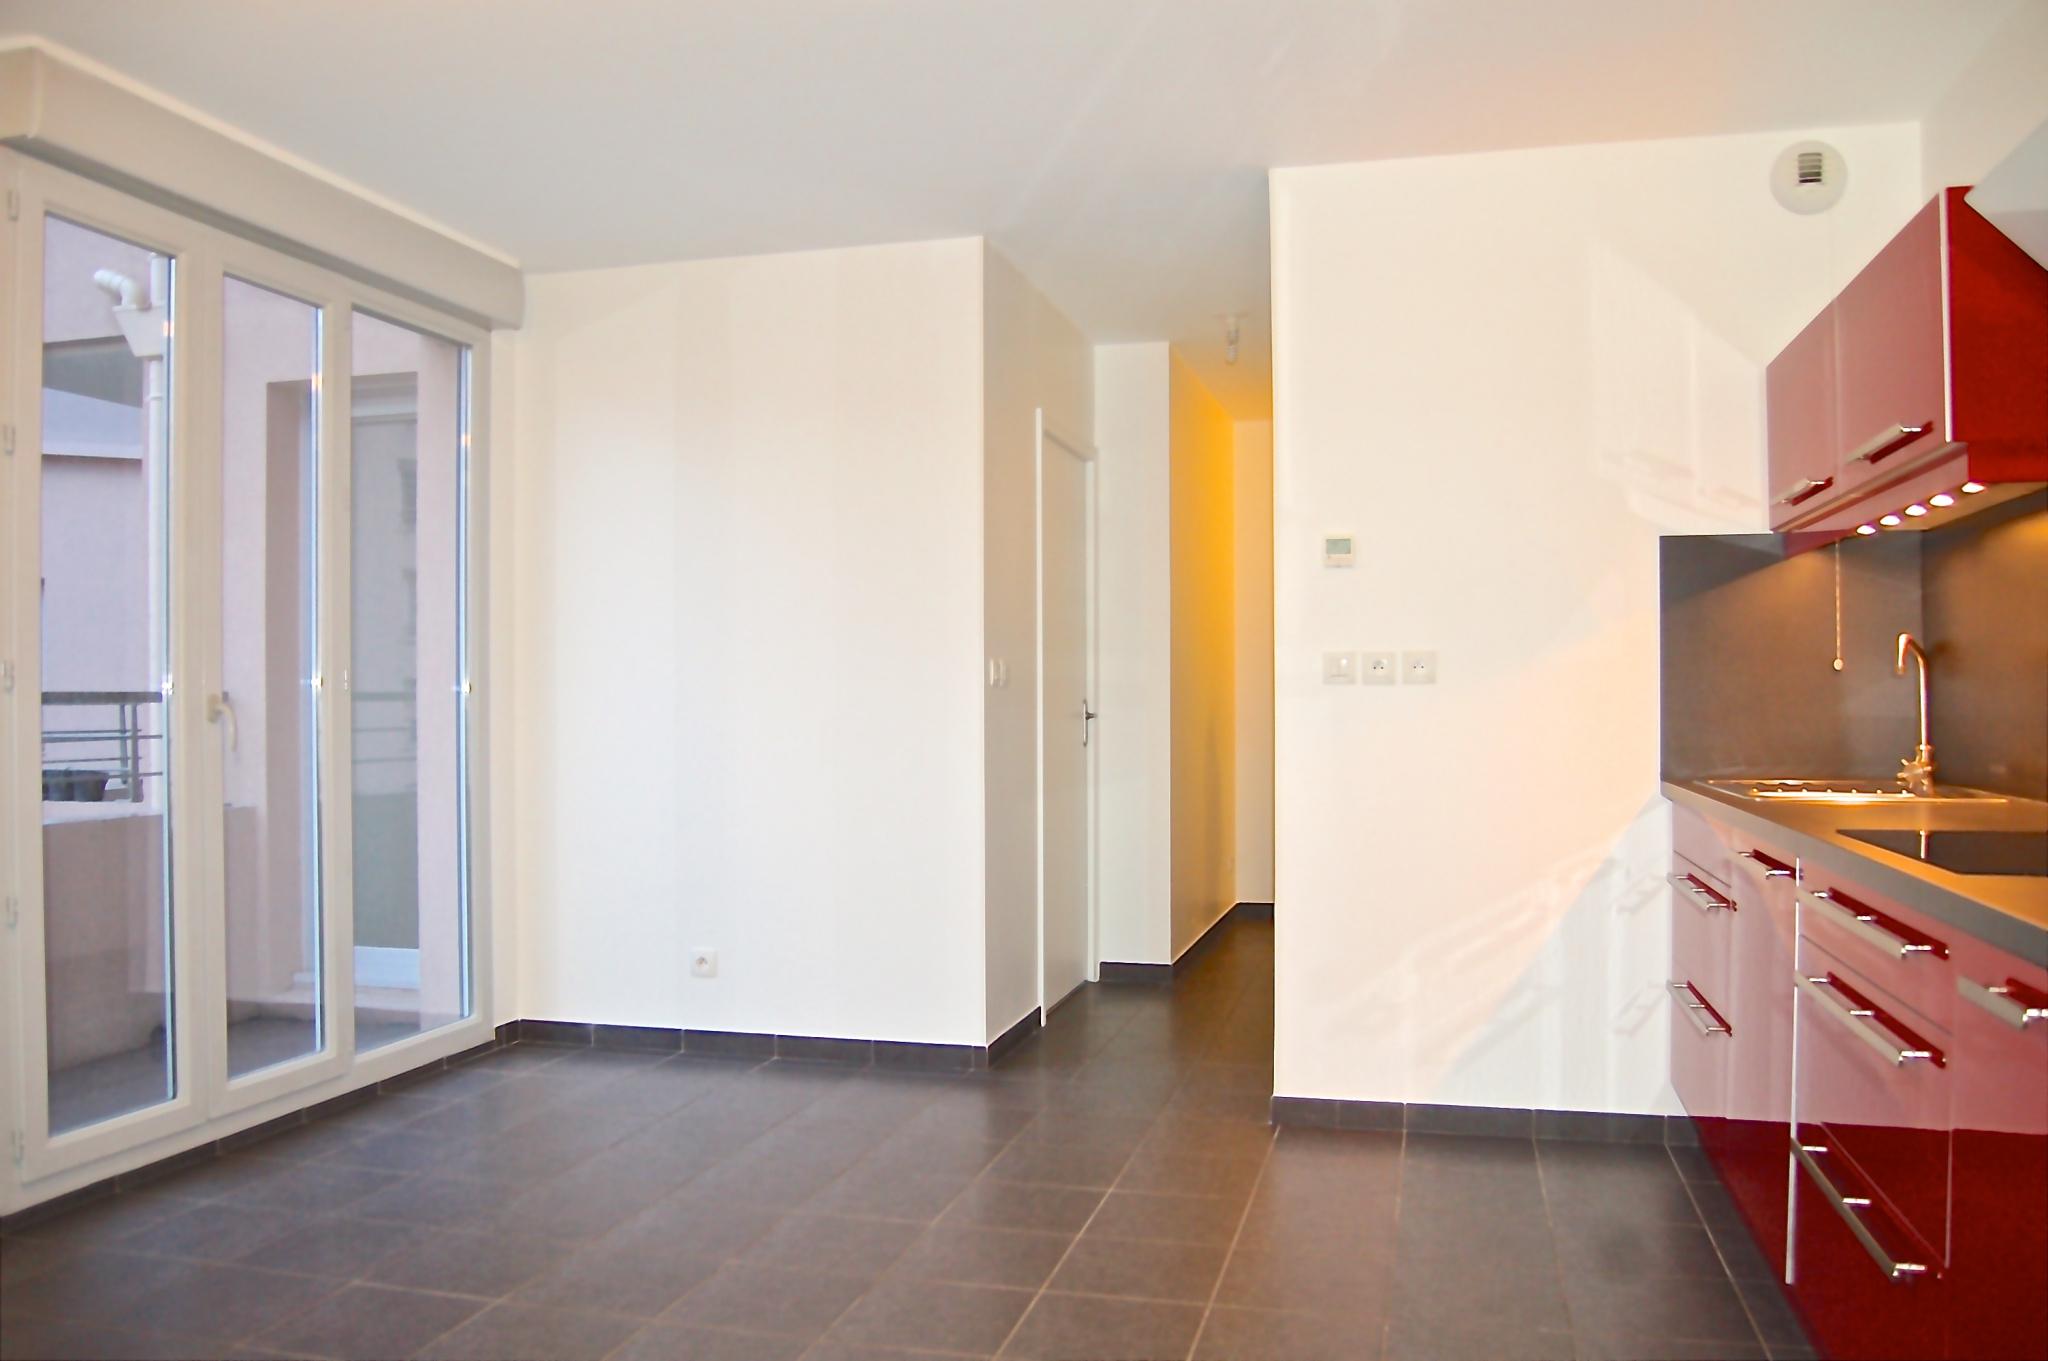 Annonce vente appartement lyon 9 41 m 187 000 for Appartement original lyon